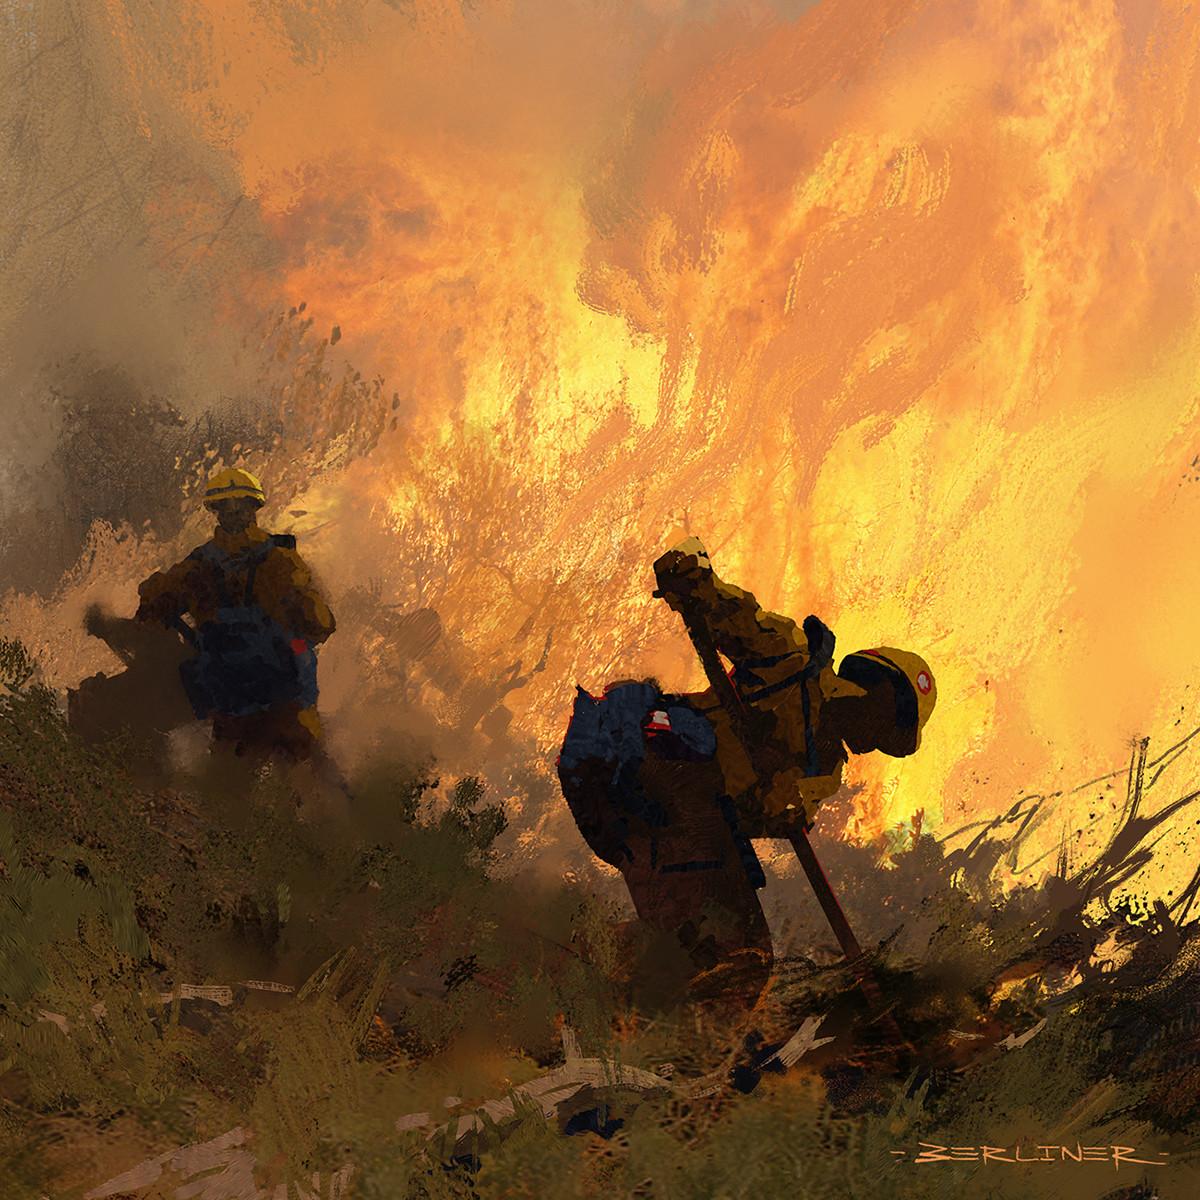 Luke berliner fire fighters insta